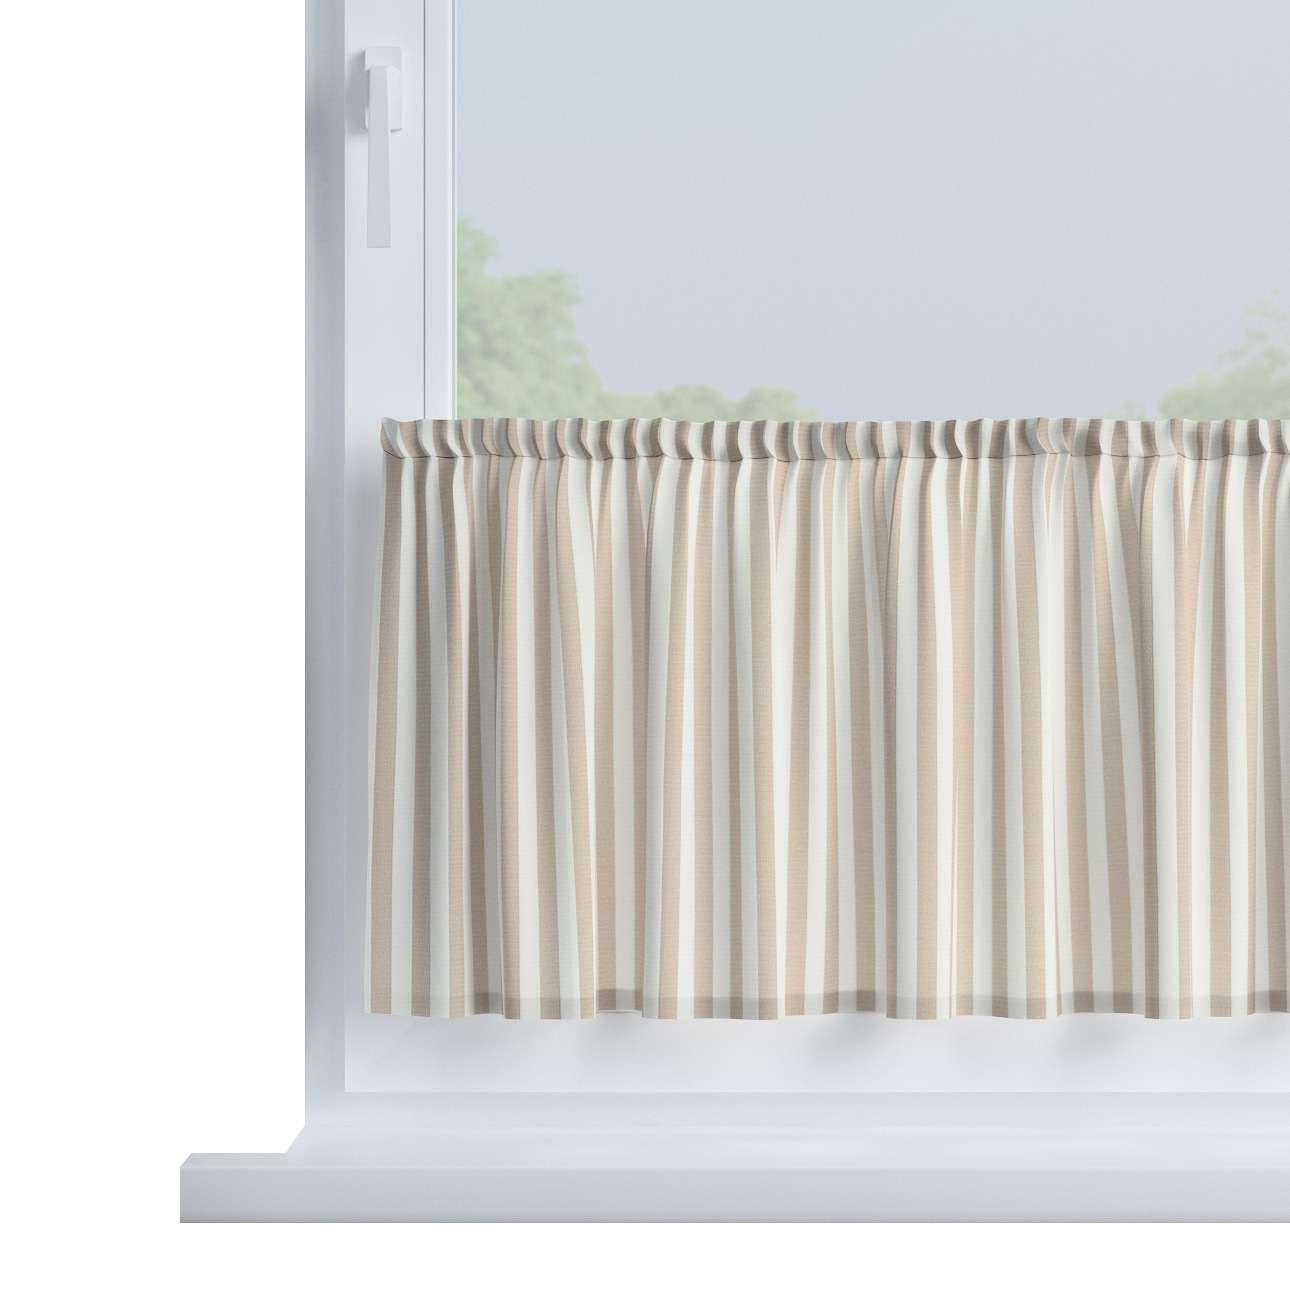 Vitrážka jednoduchá, metráž V kolekcii Quadro, tkanina: 136-07